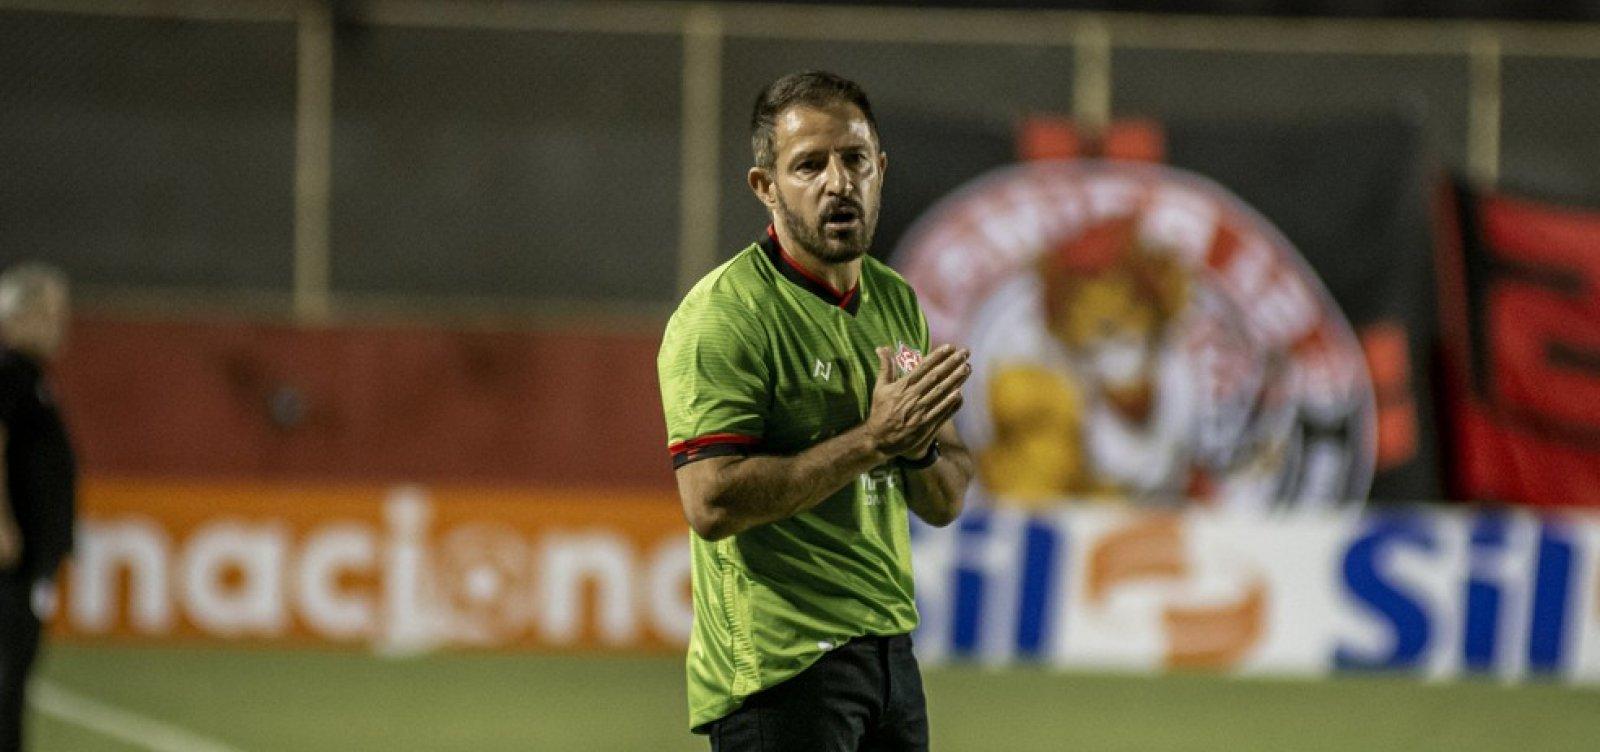 Com apenas 31% de aproveitamento, Ramon Menezes é demitido do Vitória